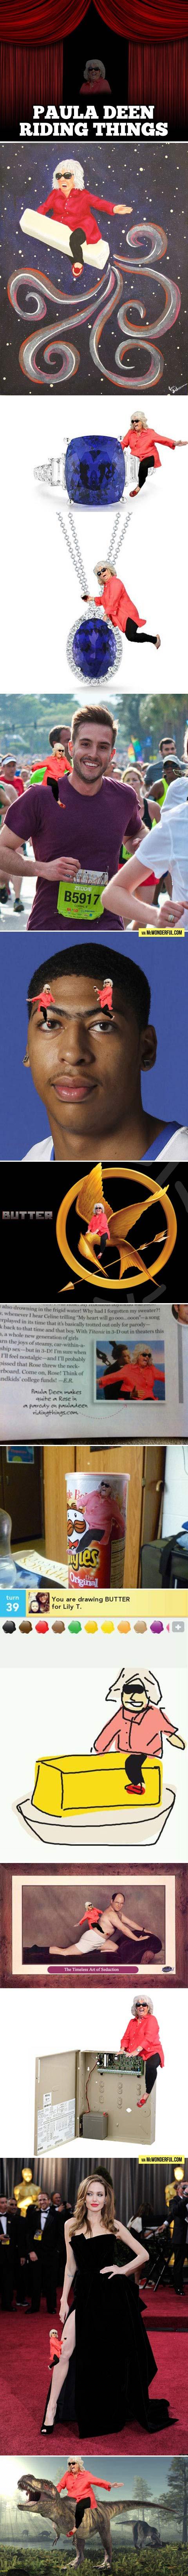 Paula Deen riding things...